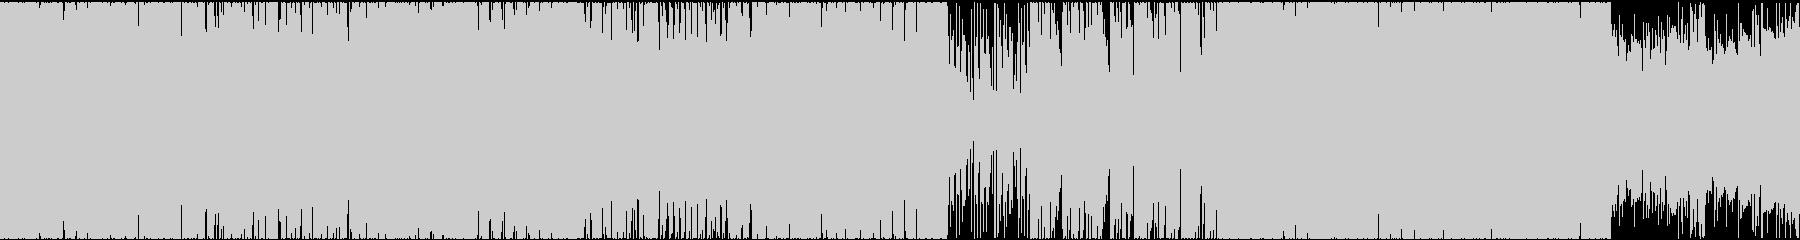 【ループ素材】緊迫感が伝わるバトルBGMの未再生の波形